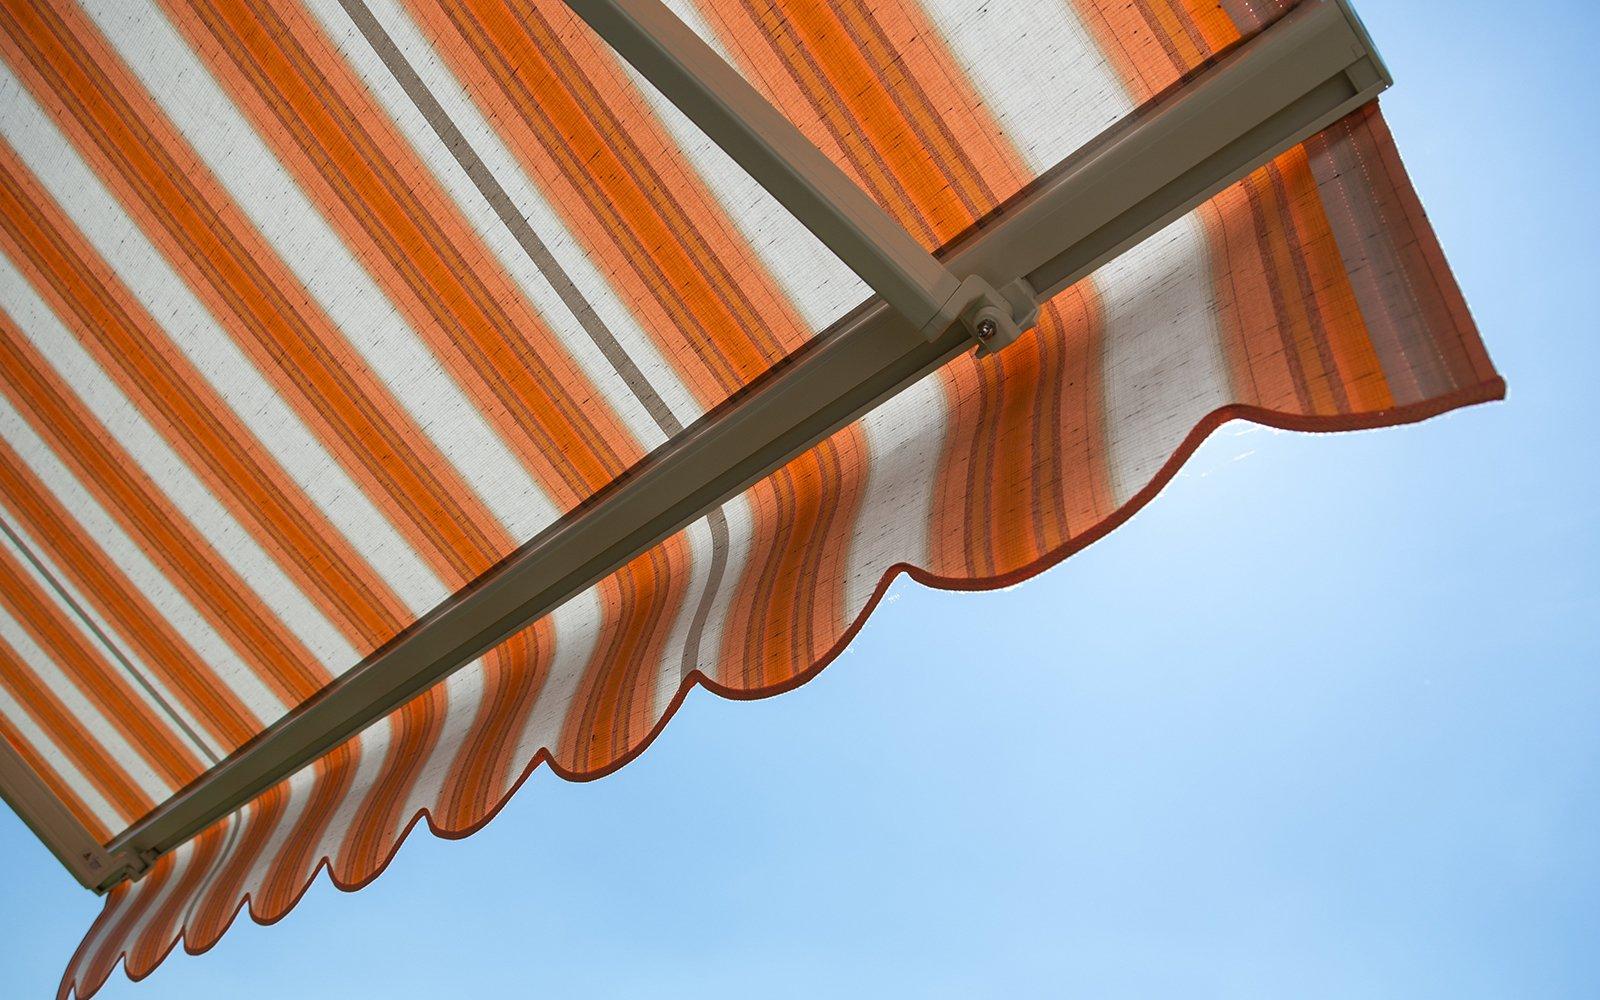 La tenda protegge dal sole caldo